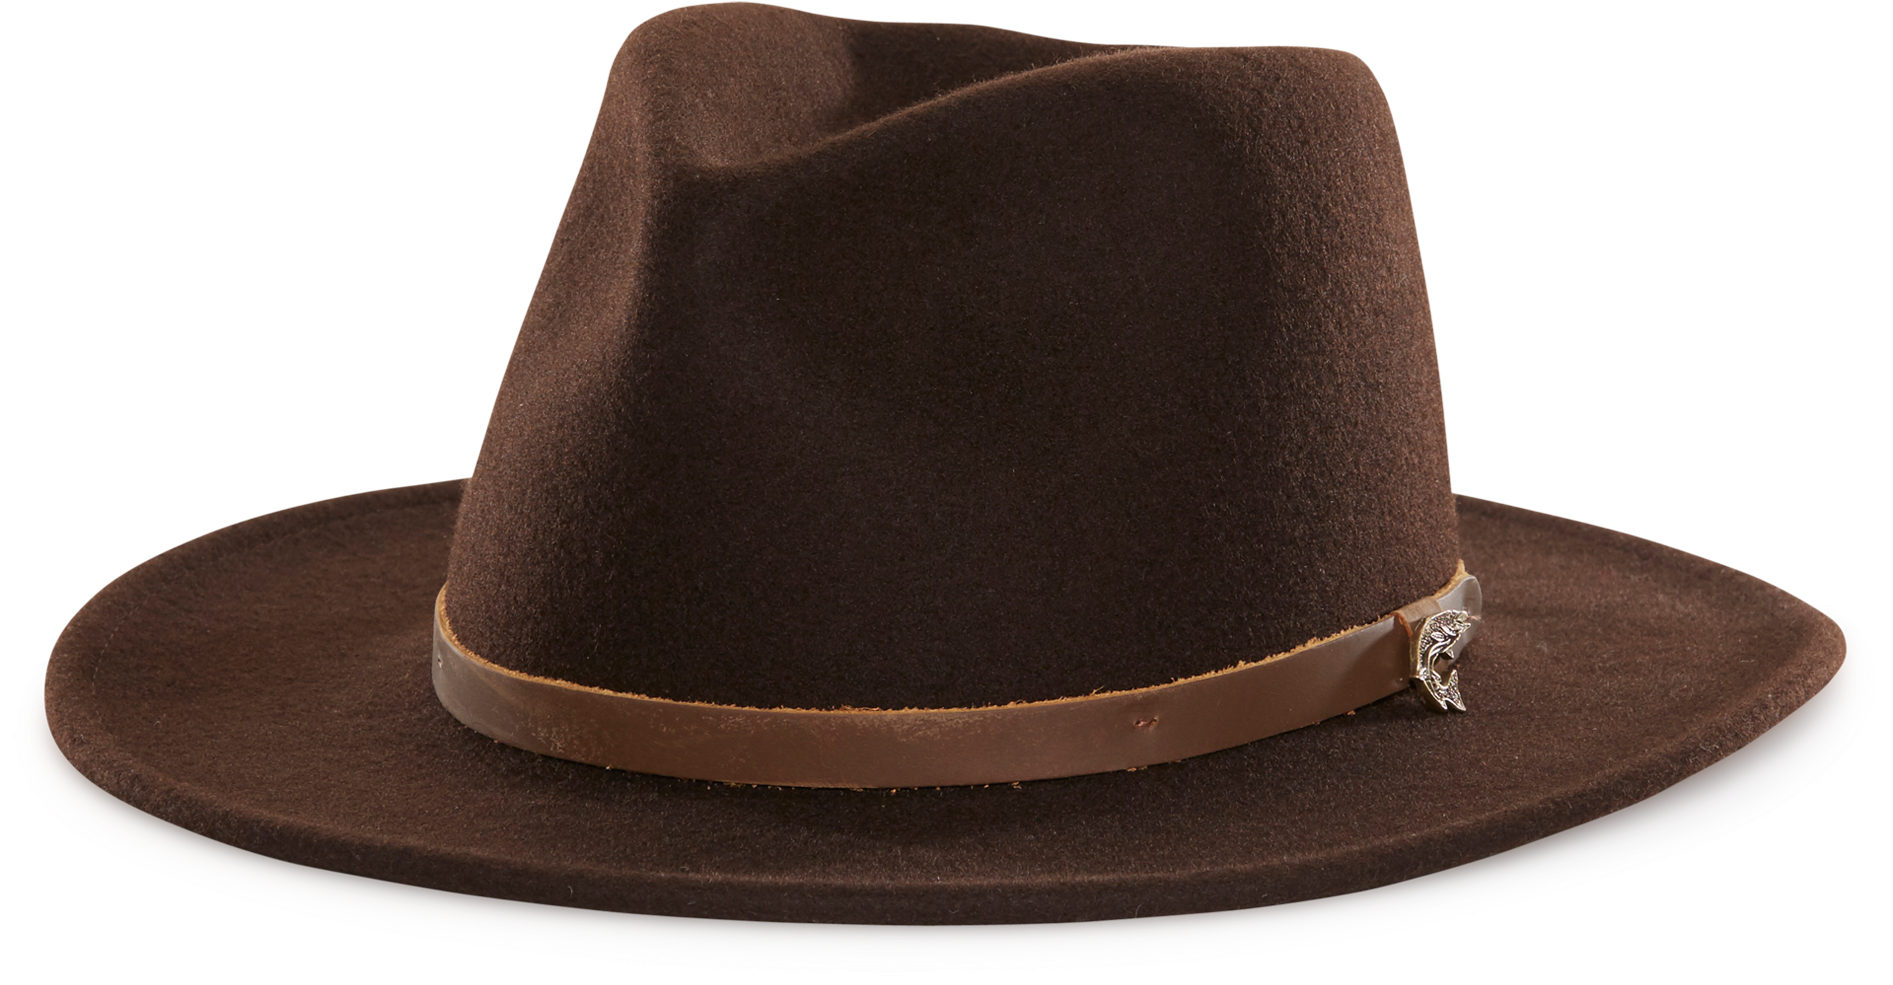 Indiana jones hat clipart clipart library download HD Henry Jones Felt Fedora Hat Brown American Made Left - Fedora ... clipart library download